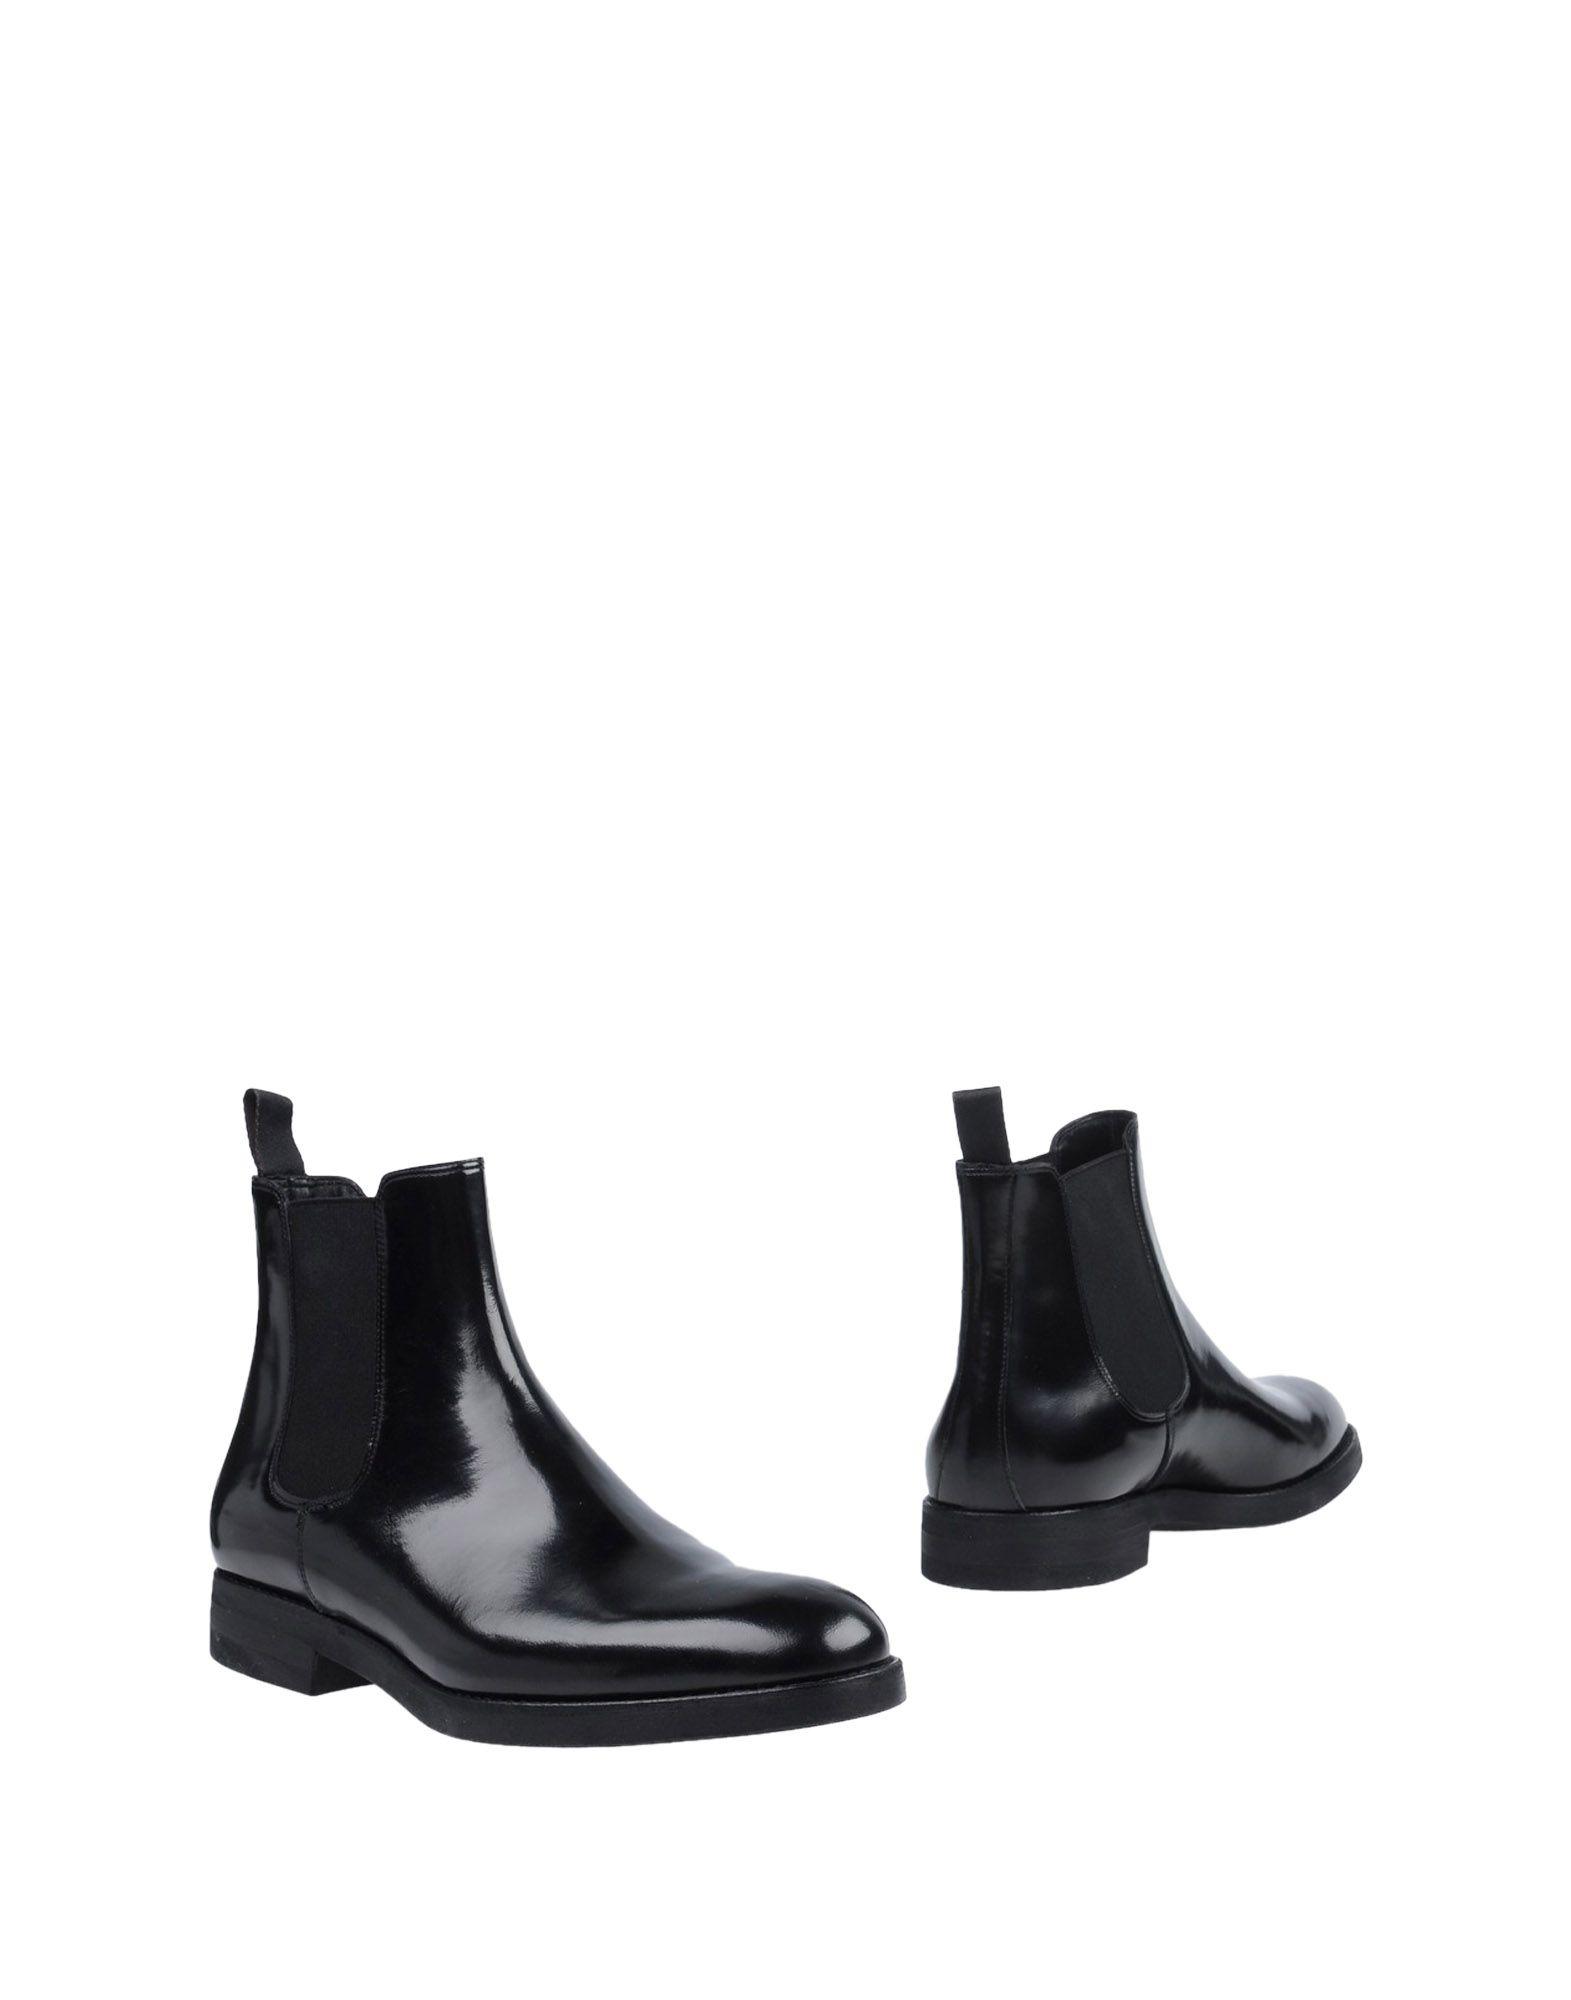 J. HOLBENS Полусапоги и высокие ботинки цены онлайн